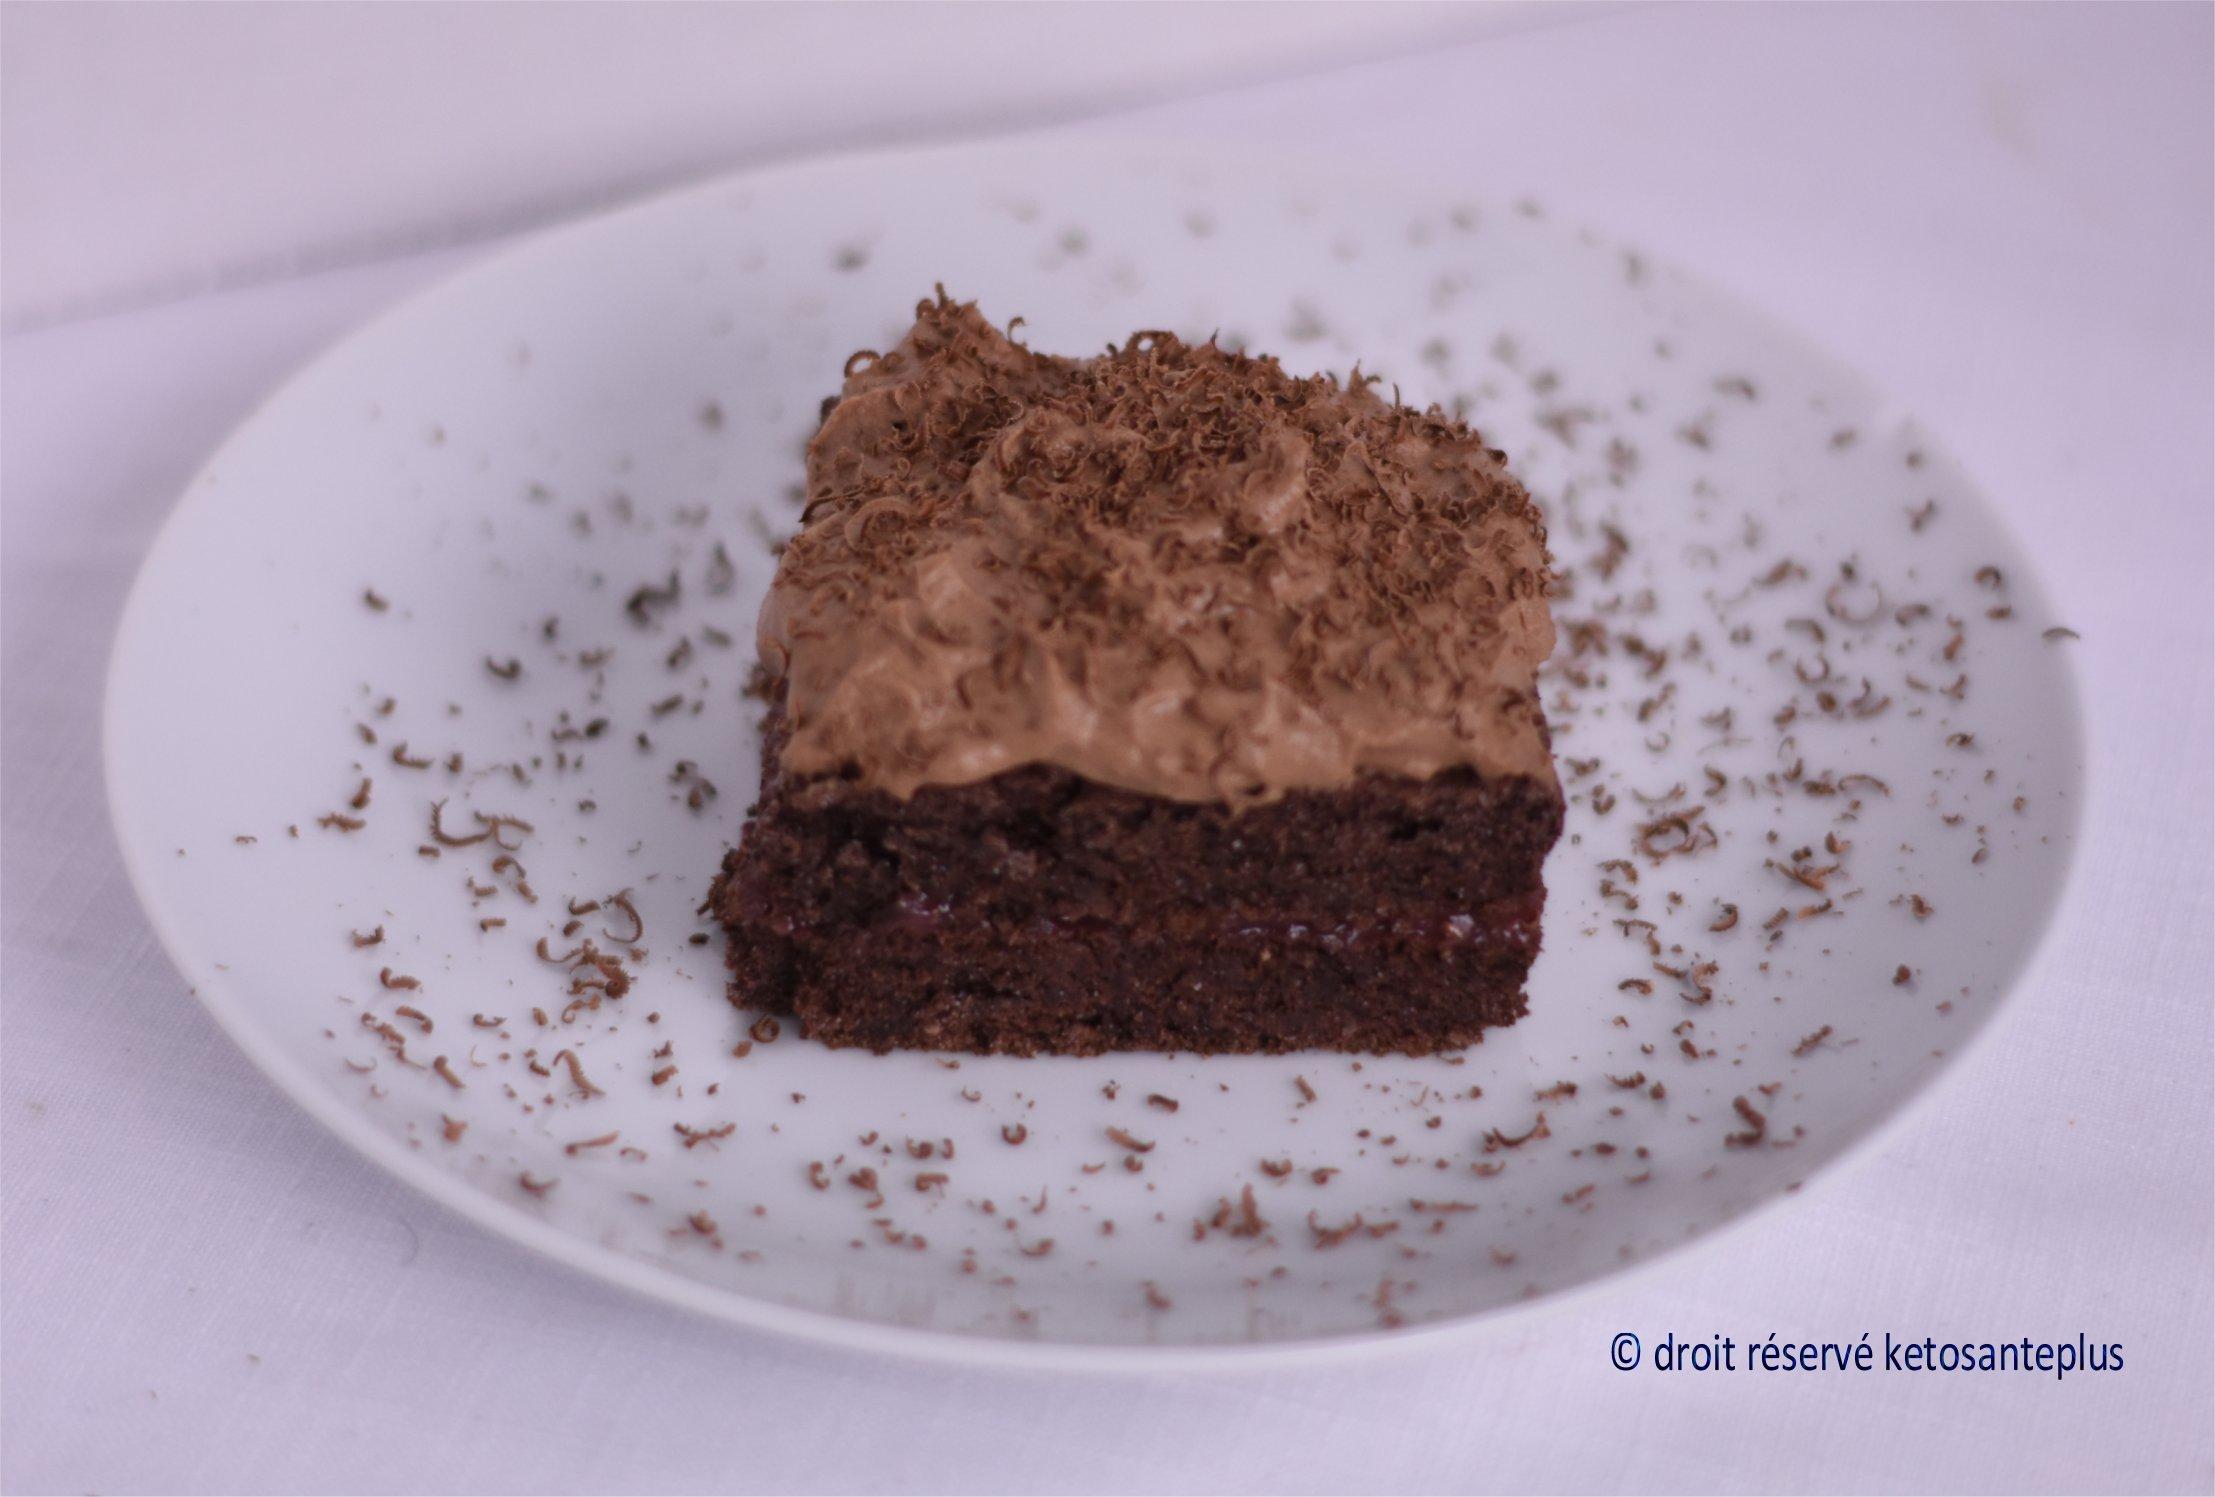 Gâteau au chocolat farine de coco